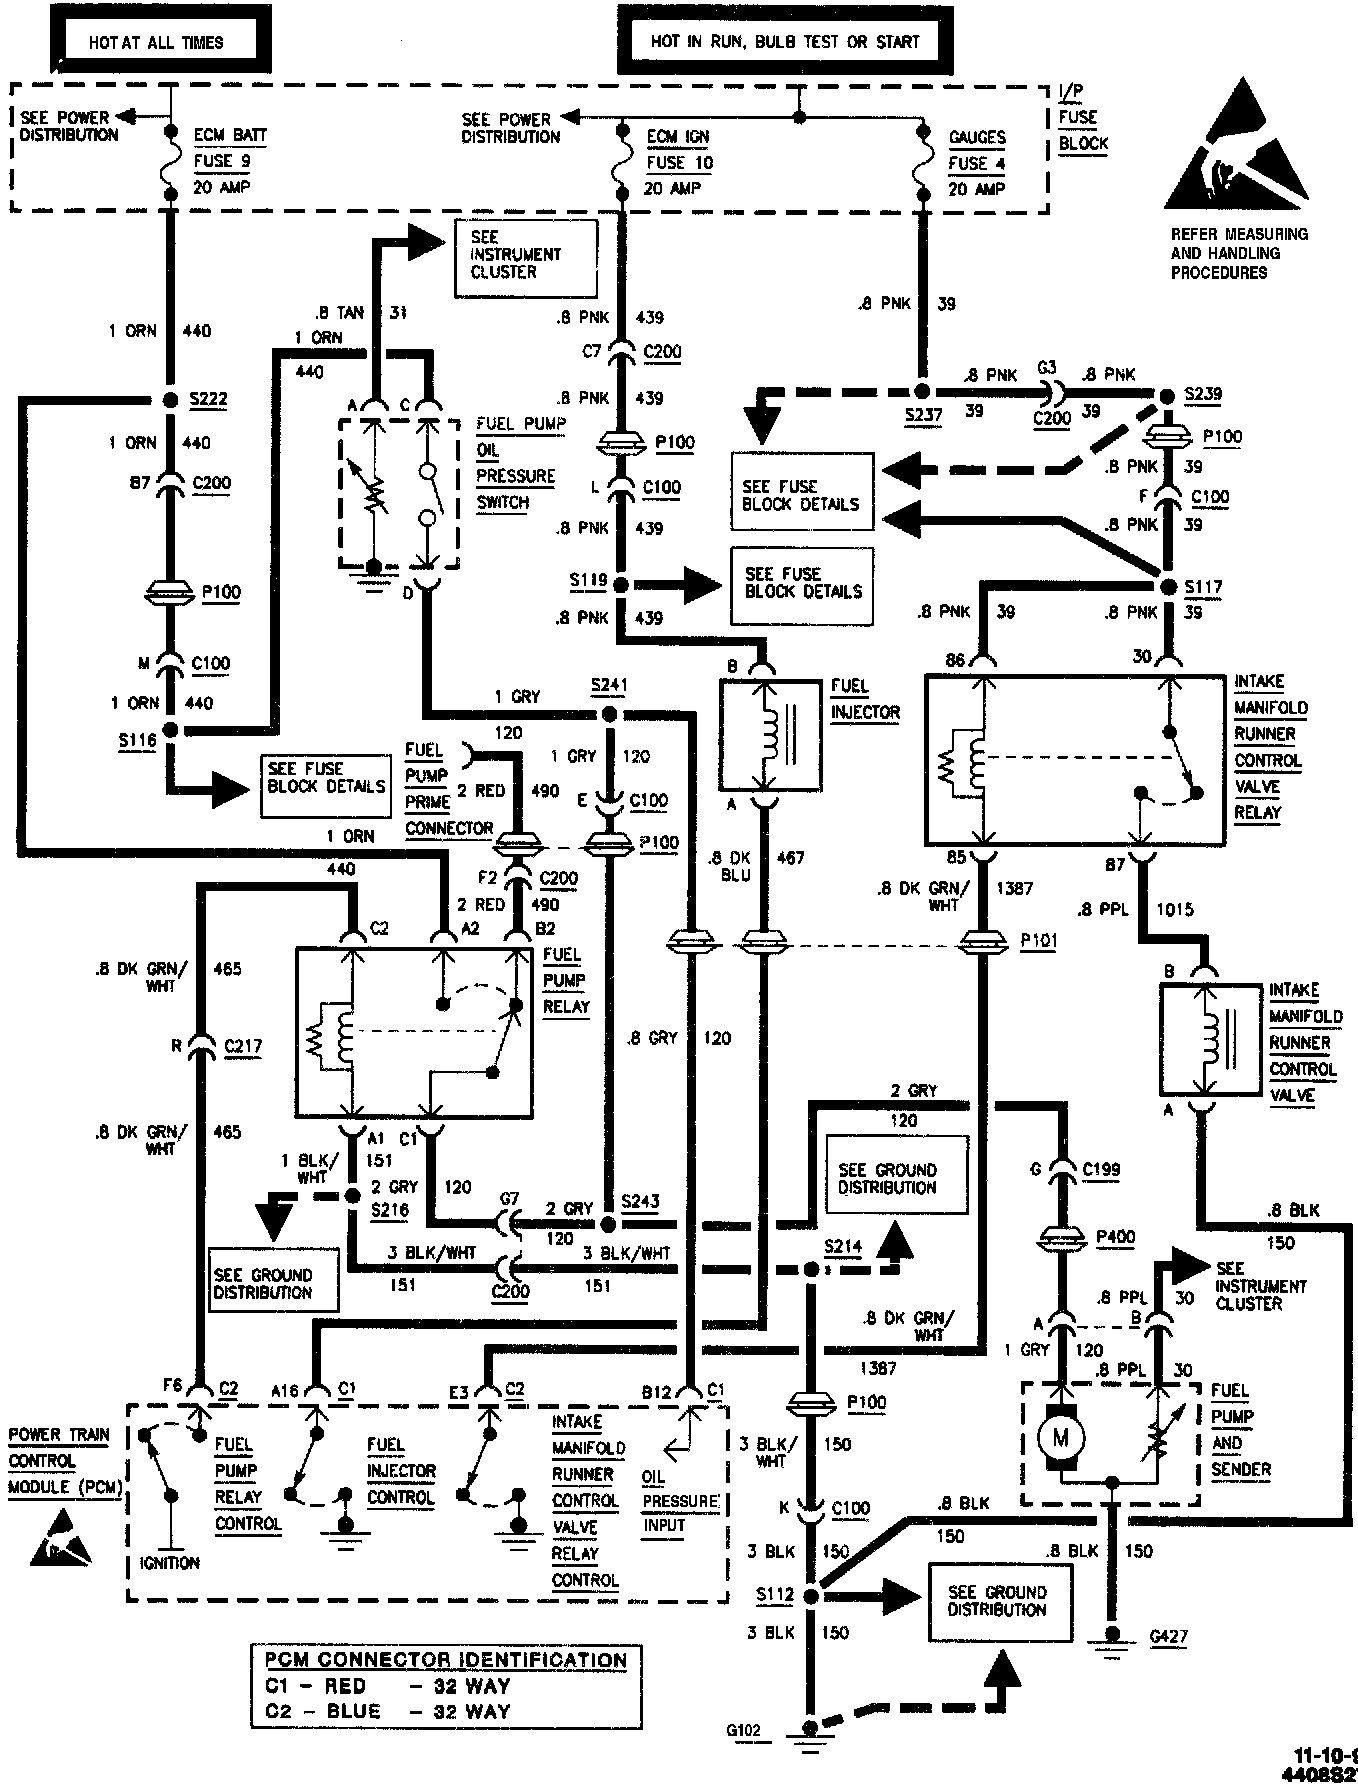 Metra 70 5520 Wiring Diagram Free Download • Playapk.co Regarding - Metra 70-5520 Wiring Diagram